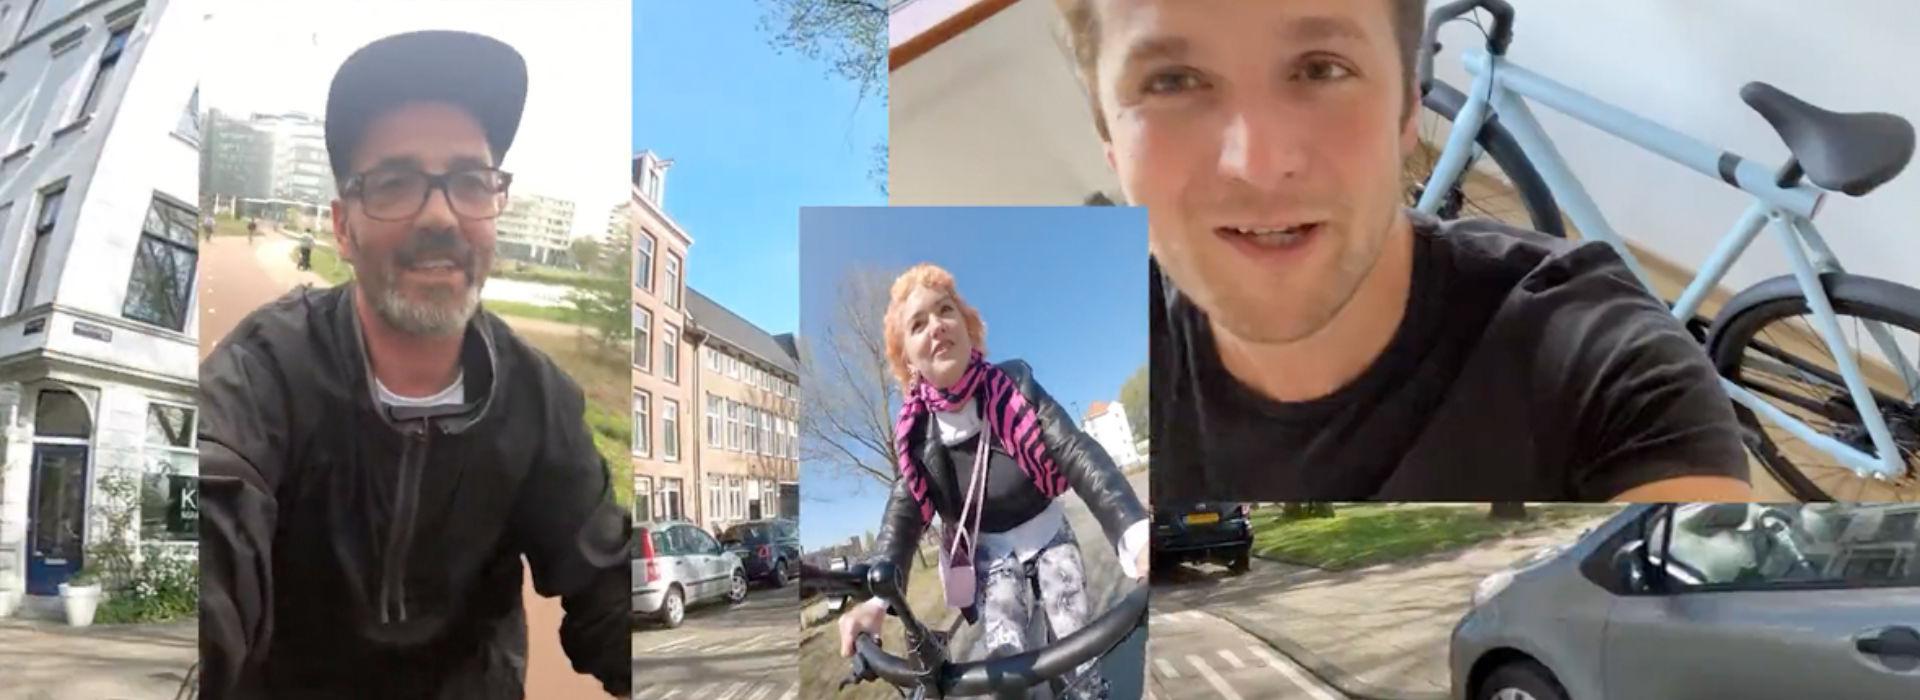 Riding the future: Die ersten VanMoof S3- und X3-Fahrer teilen ihre ungenierten Eindrücke